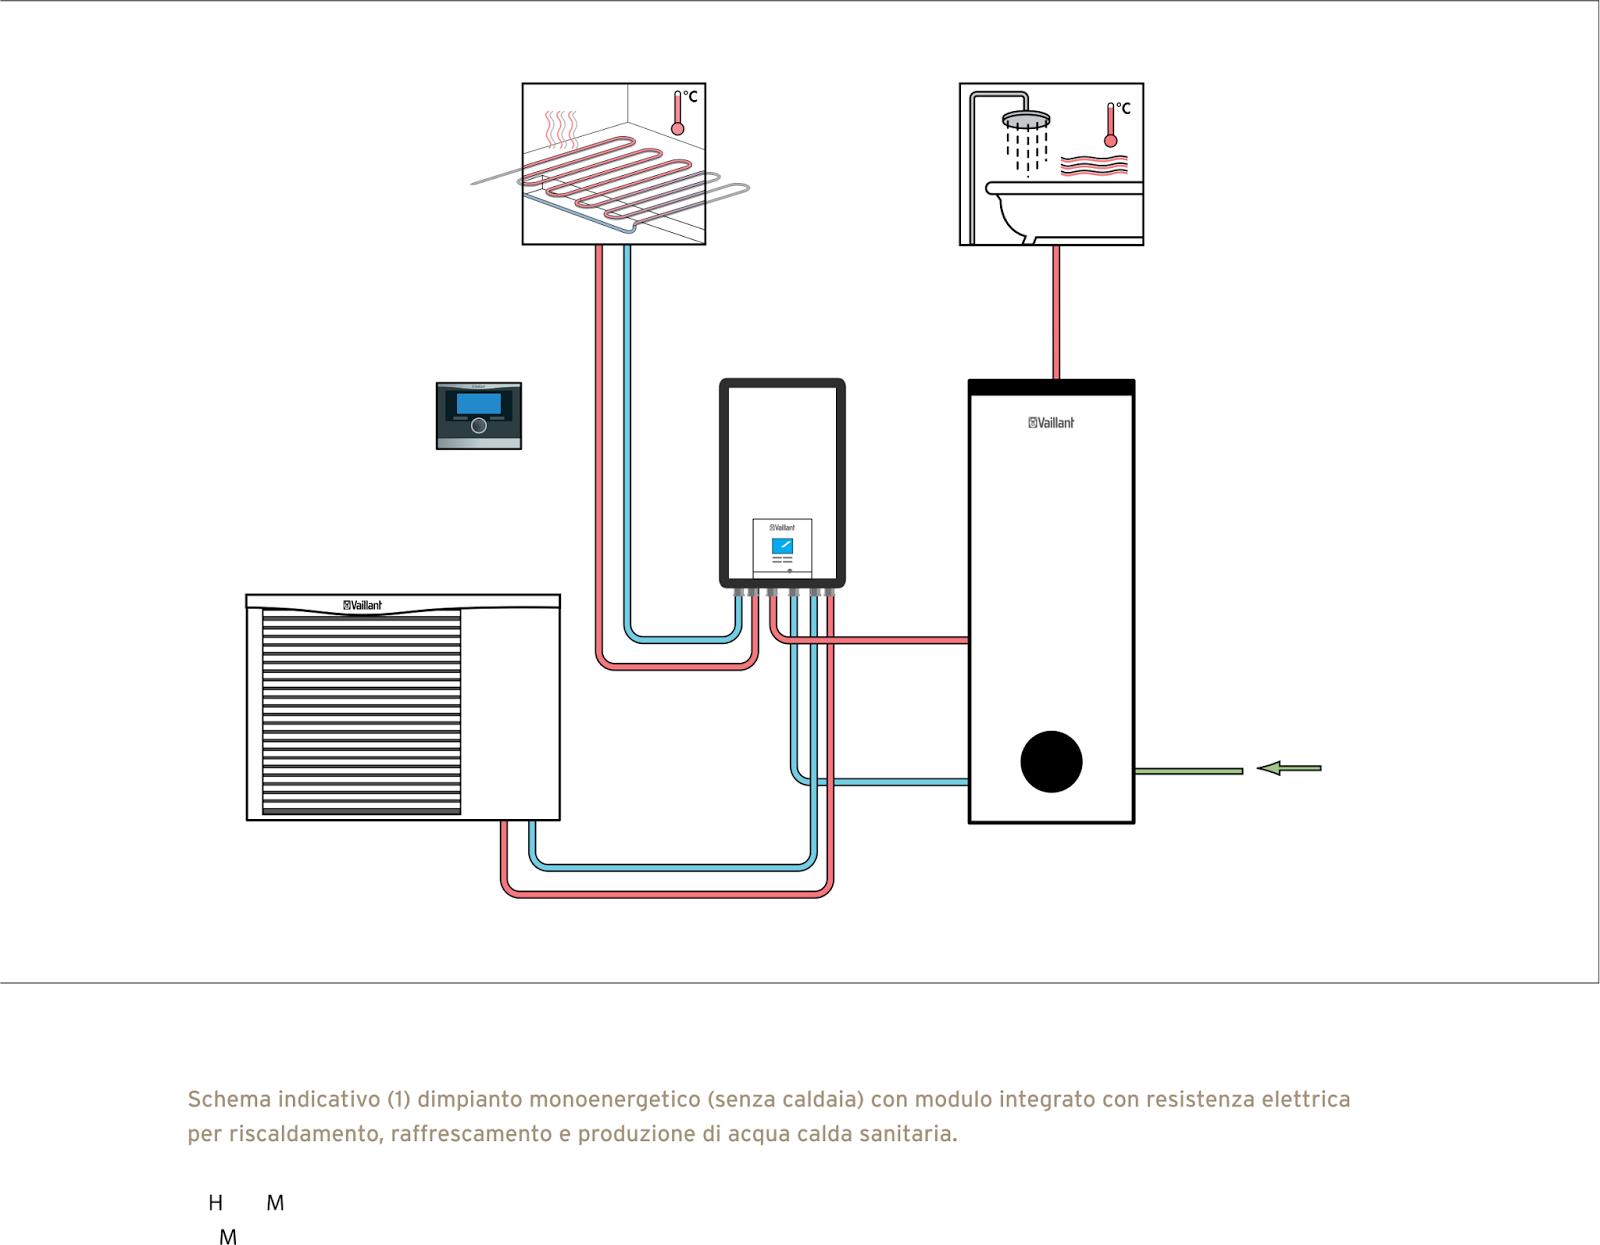 Impianto con pompa di calore mono energetico idraulica for Impianto di riscaldamento con pompa di calore